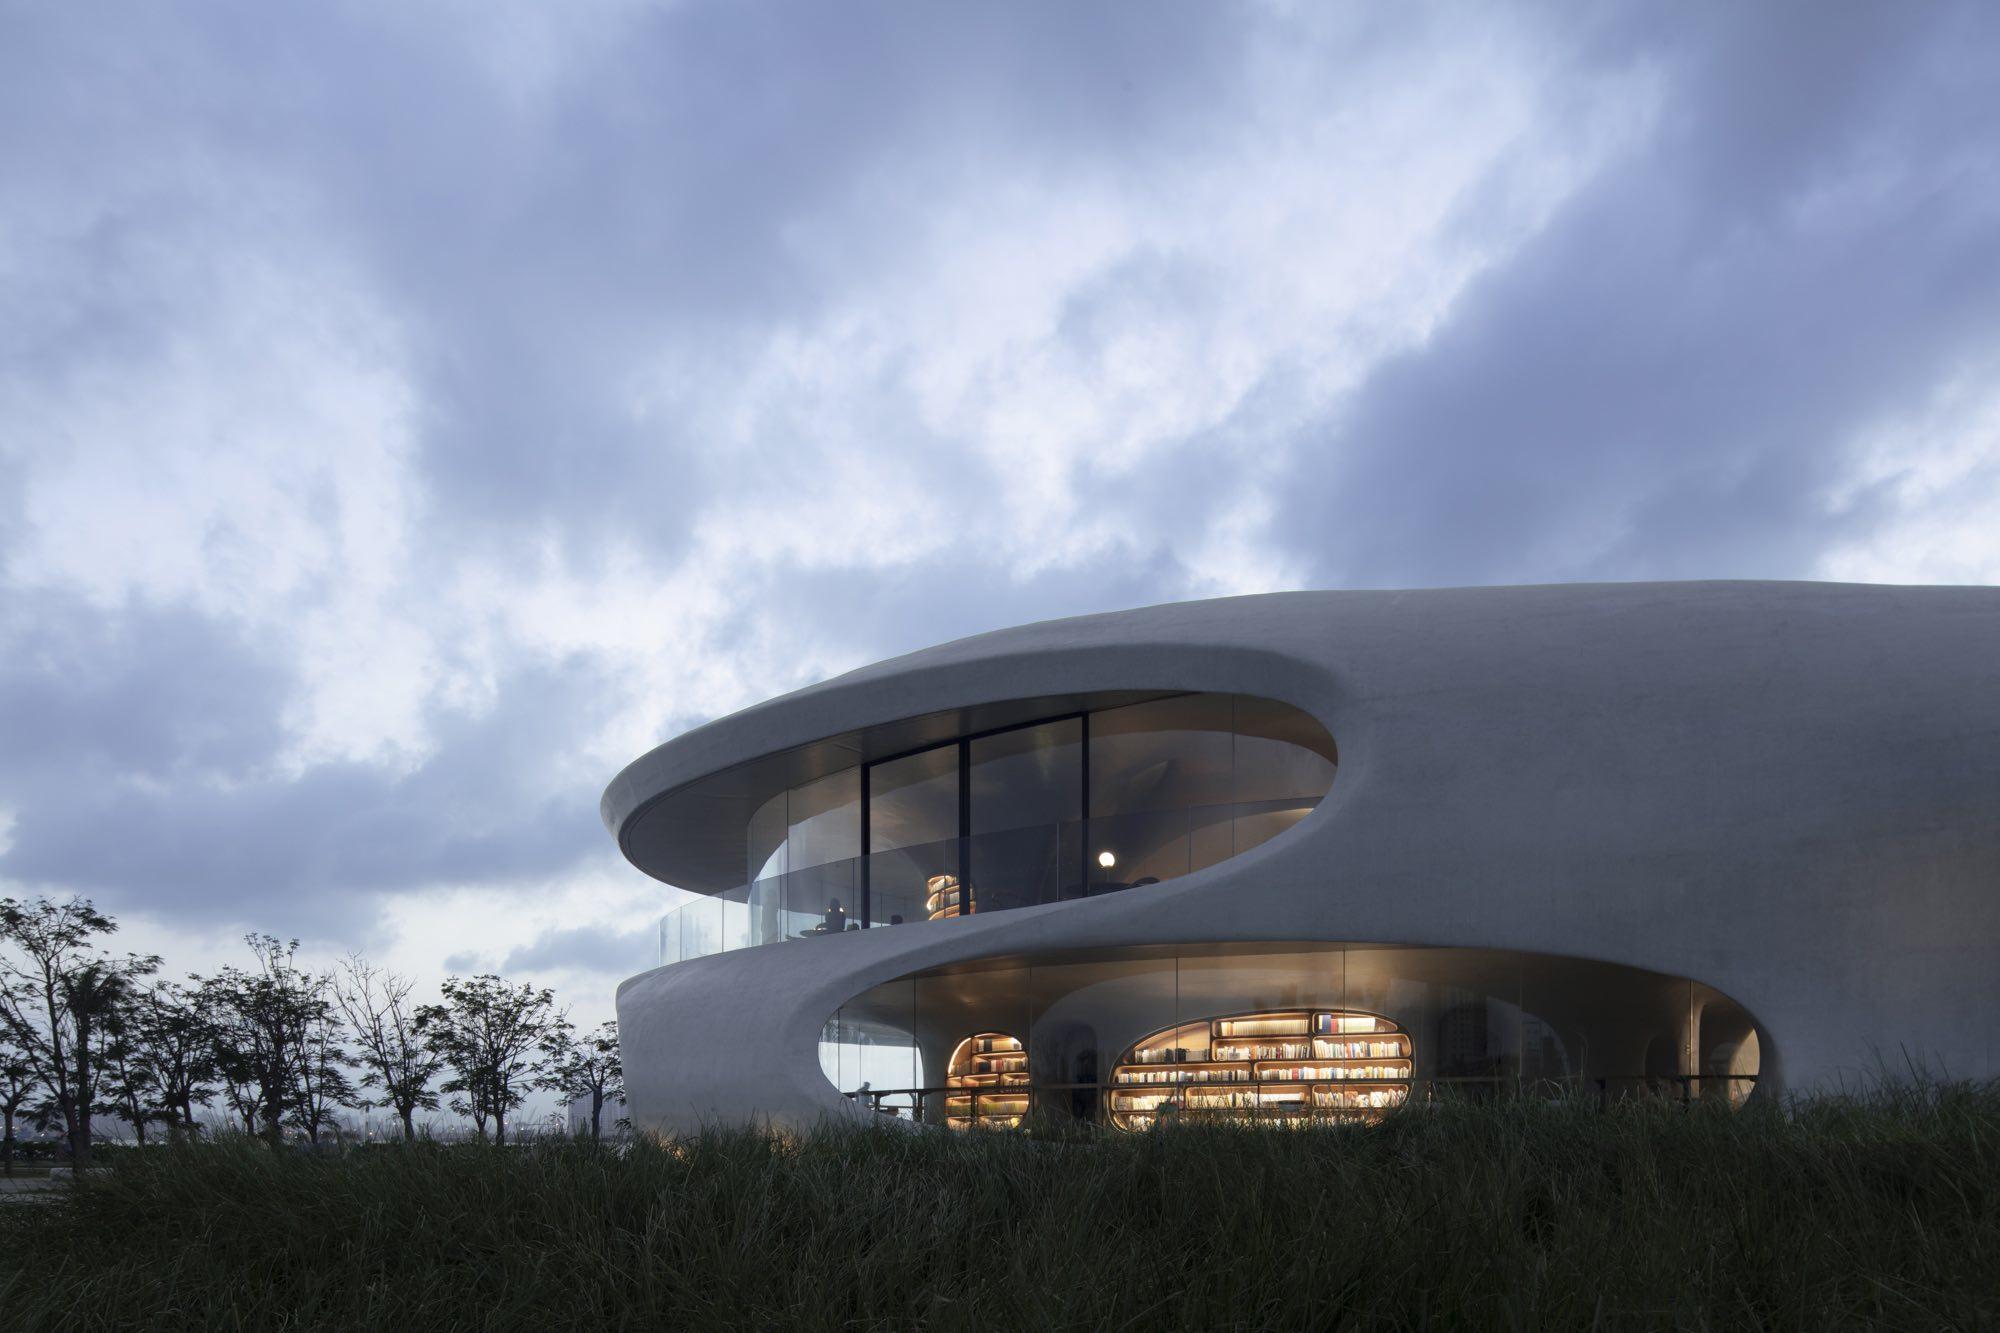 半室外空间和平台,是人们阅读和望海的绝佳空间。存在建筑 图